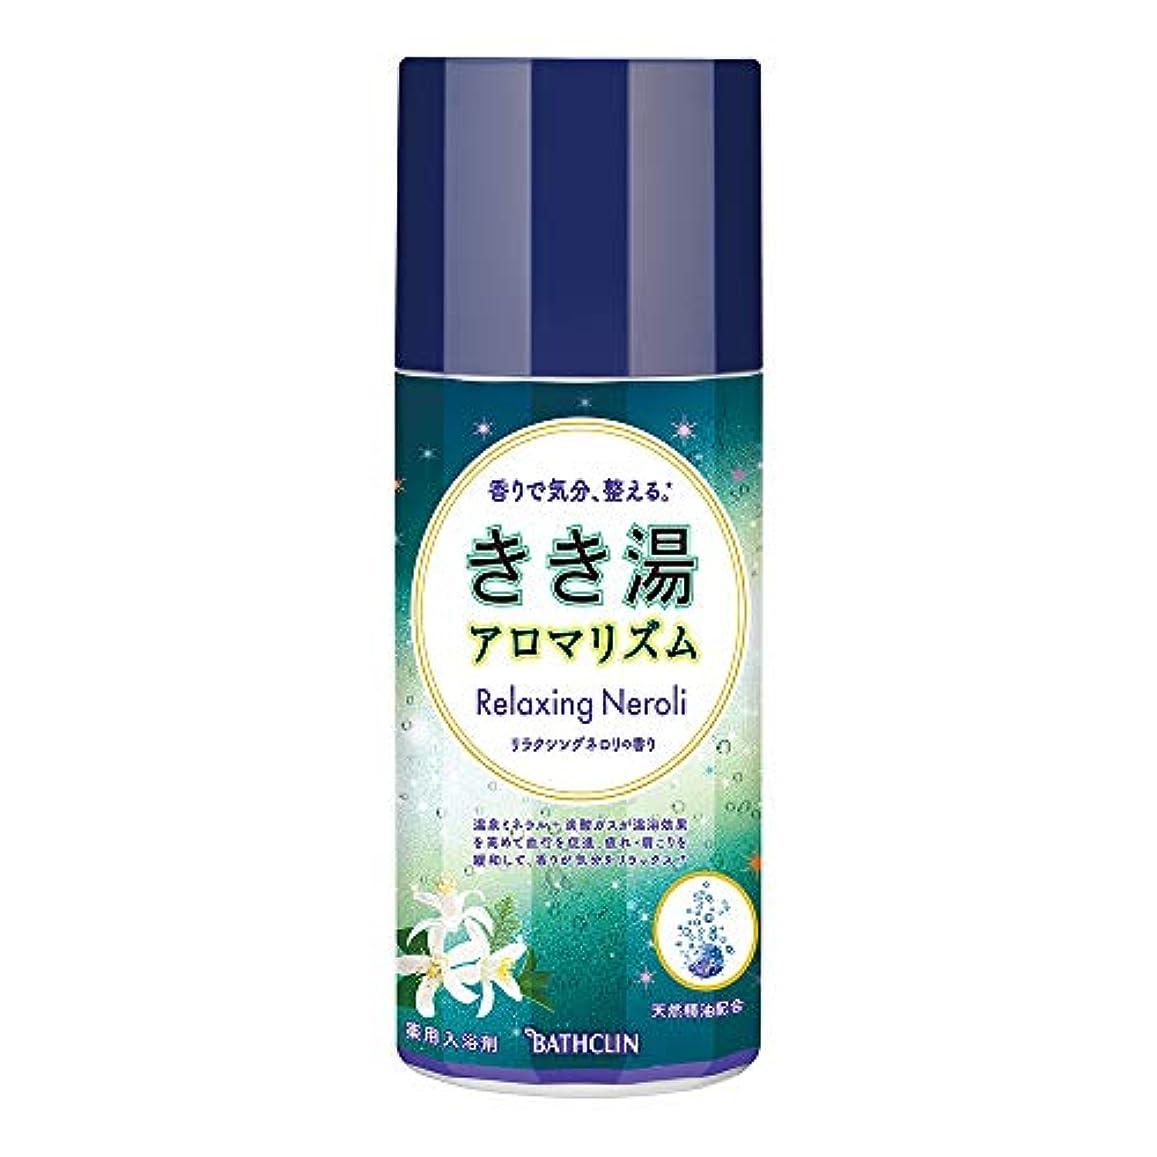 たまに浸漬禁止【医薬部外品】きき湯アロマリズム炭酸入浴剤 リラクシングネロリの香り 360g 発泡タイプ